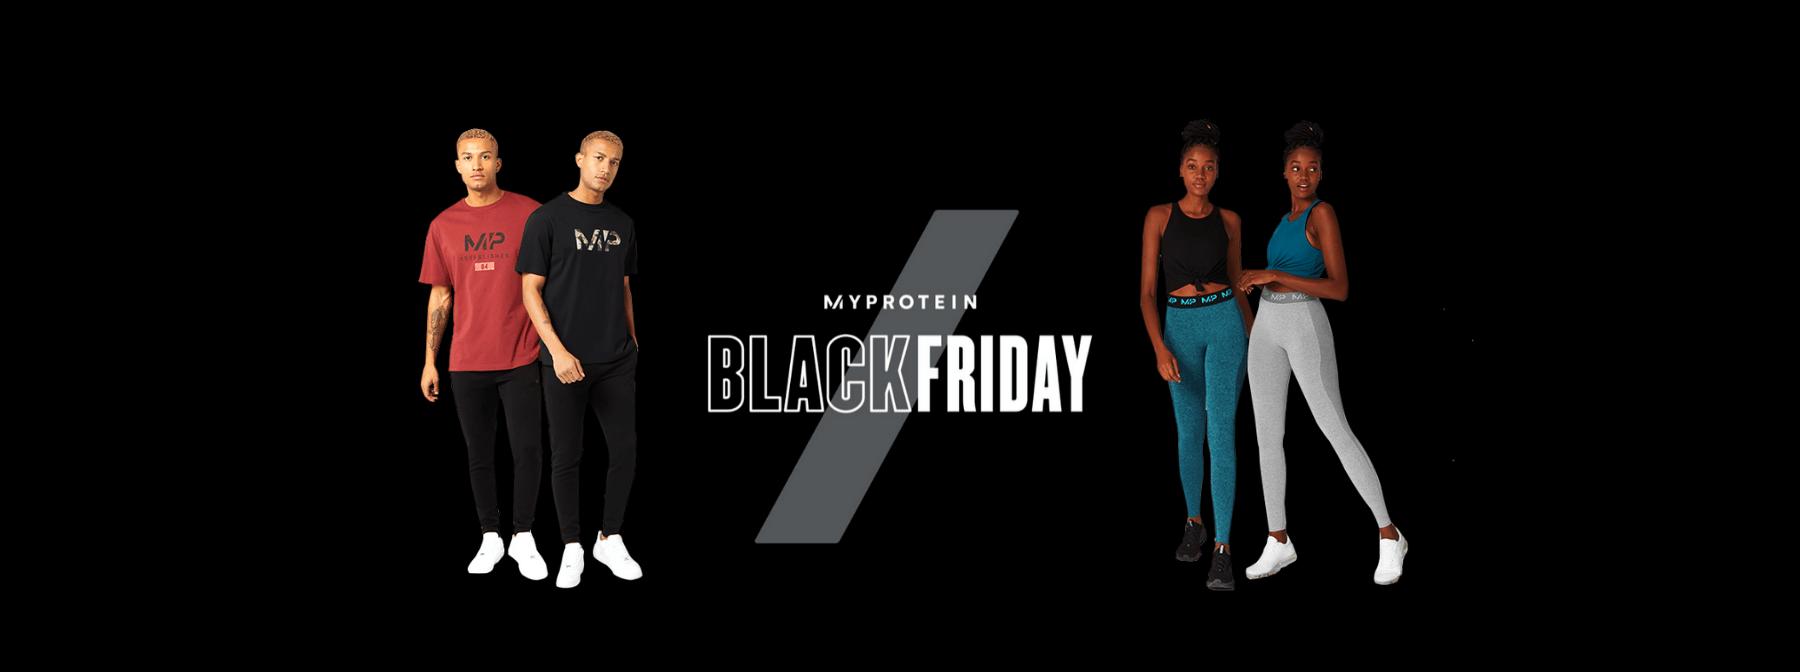 Black friday 2019: Abbigliamento | Cosa indossare?